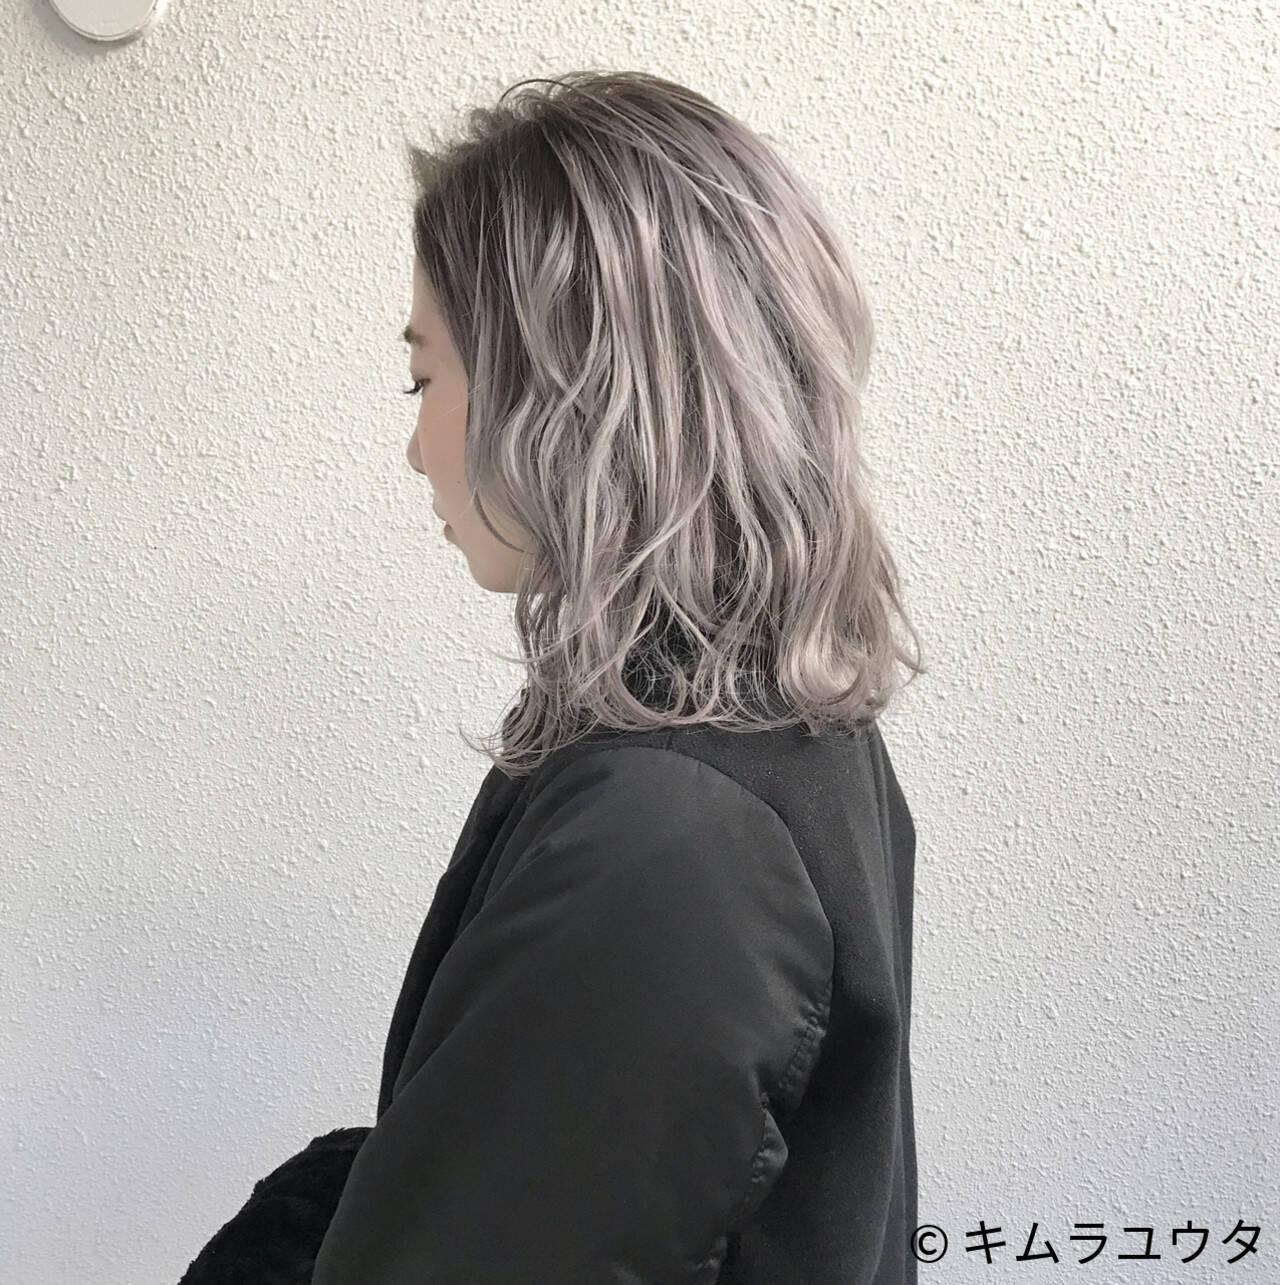 モード 外国人風 ブリーチ ホワイトヘアスタイルや髪型の写真・画像